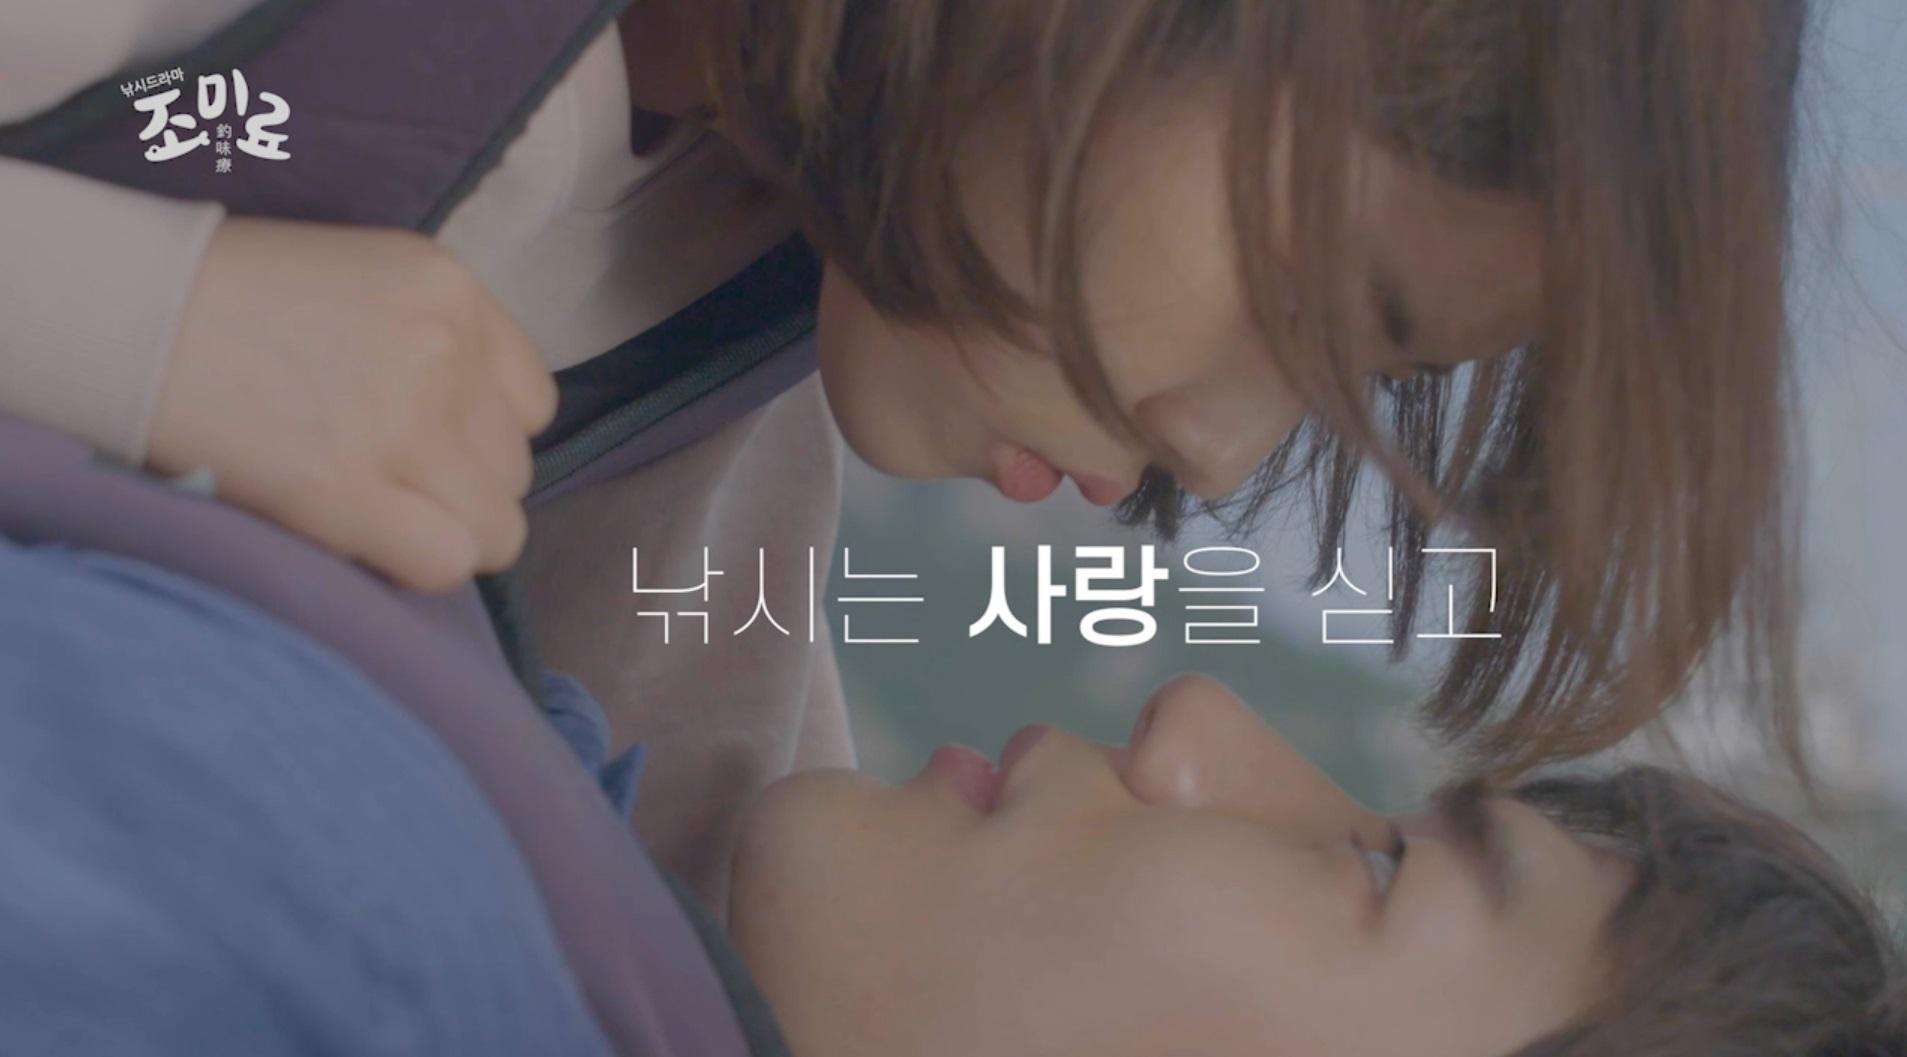 '낚시는 사랑을 싣고'...낚시드라마 '조미료' 민도희, '응사' 이어 어떤 러브라인 그릴까?